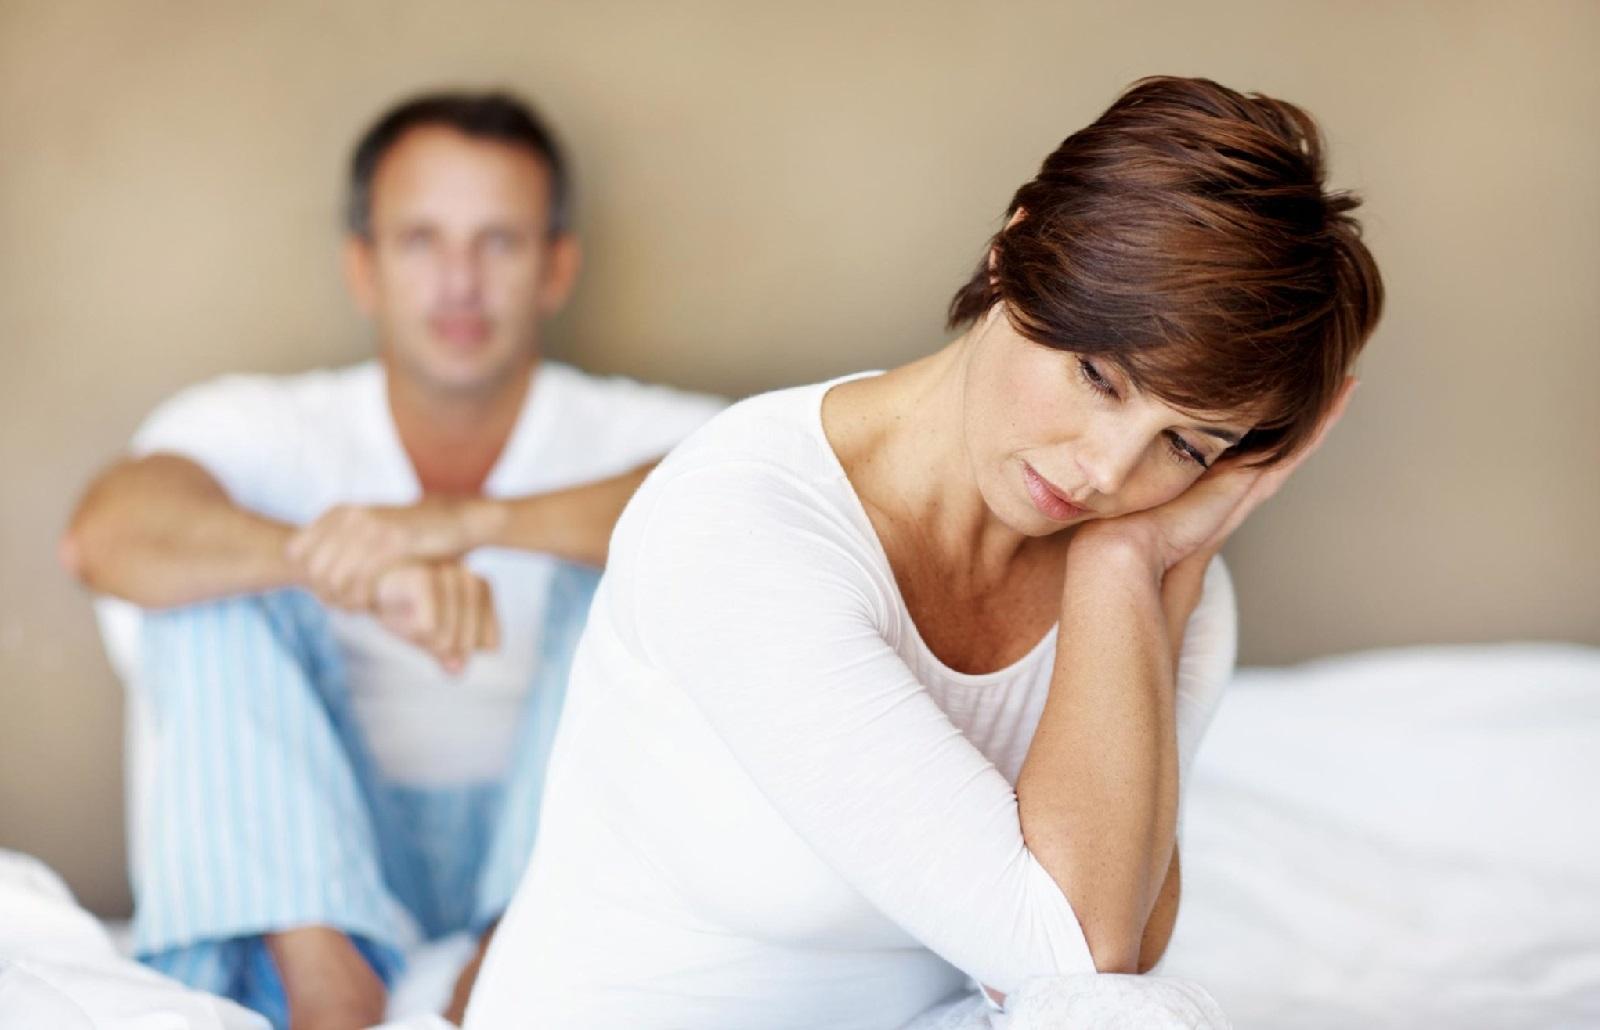 Сексуальное удовлетворение. Как повысить качество сексуальной жизни?